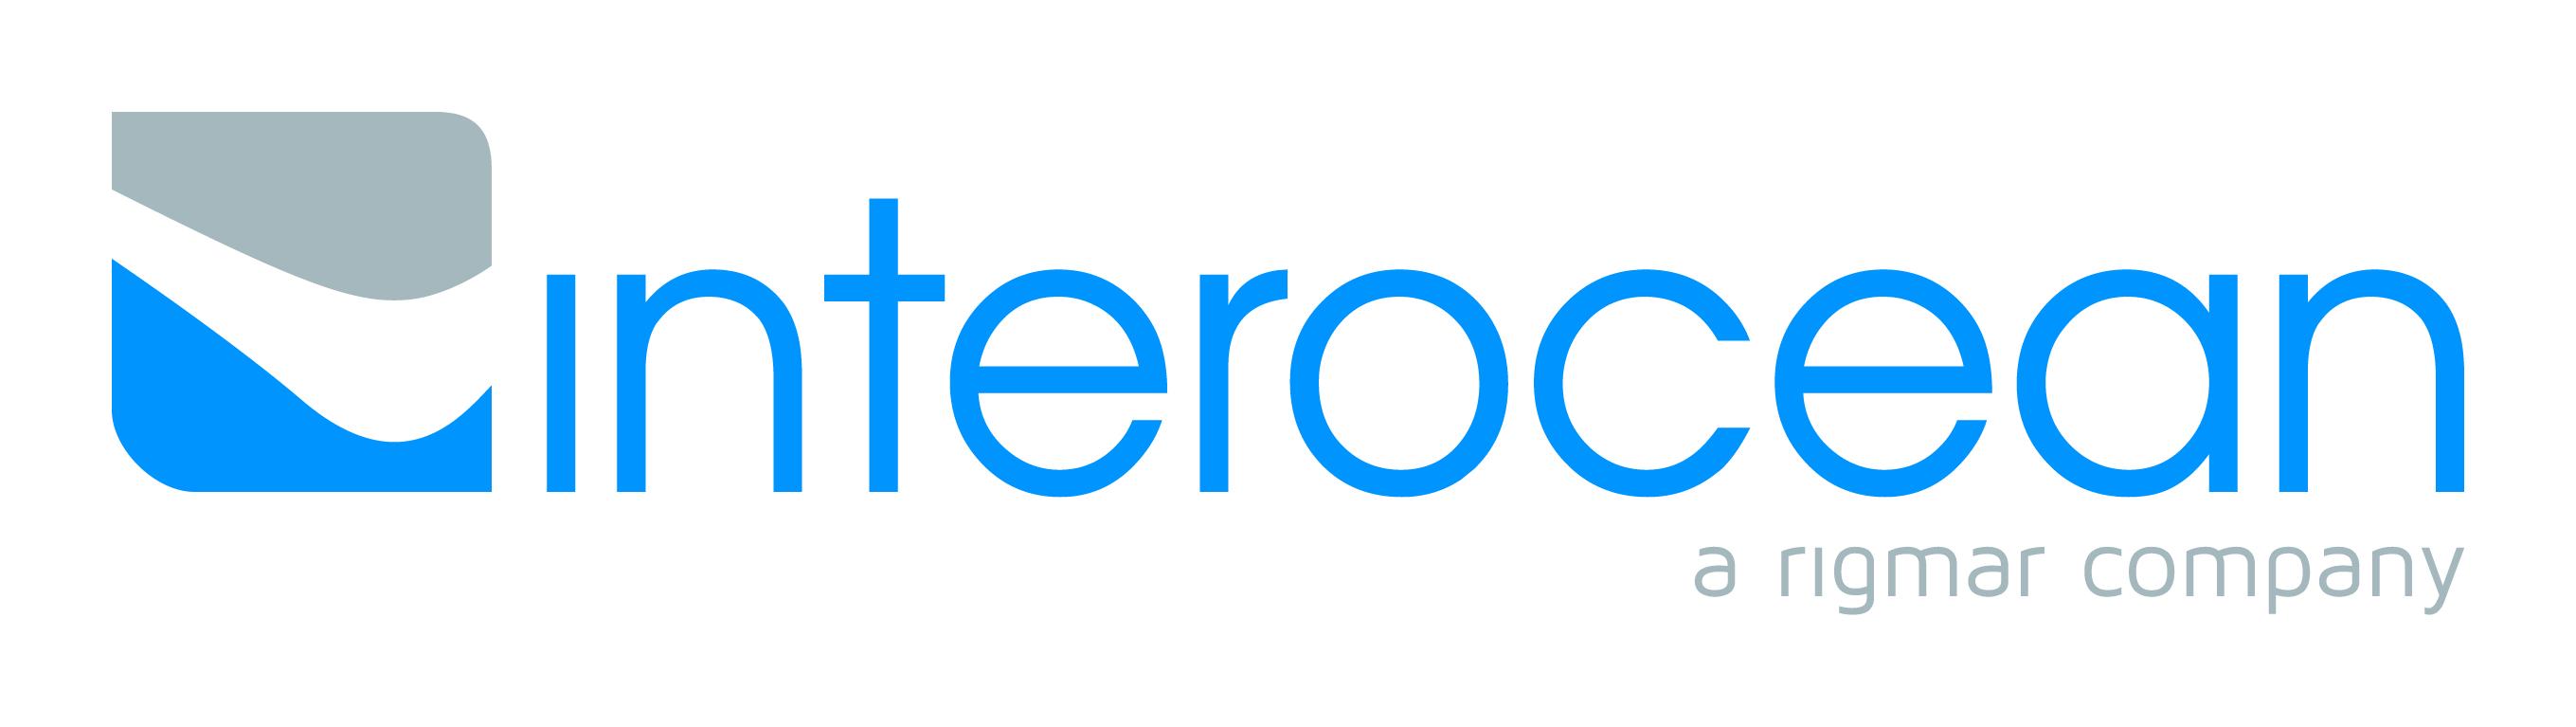 interocean_logo